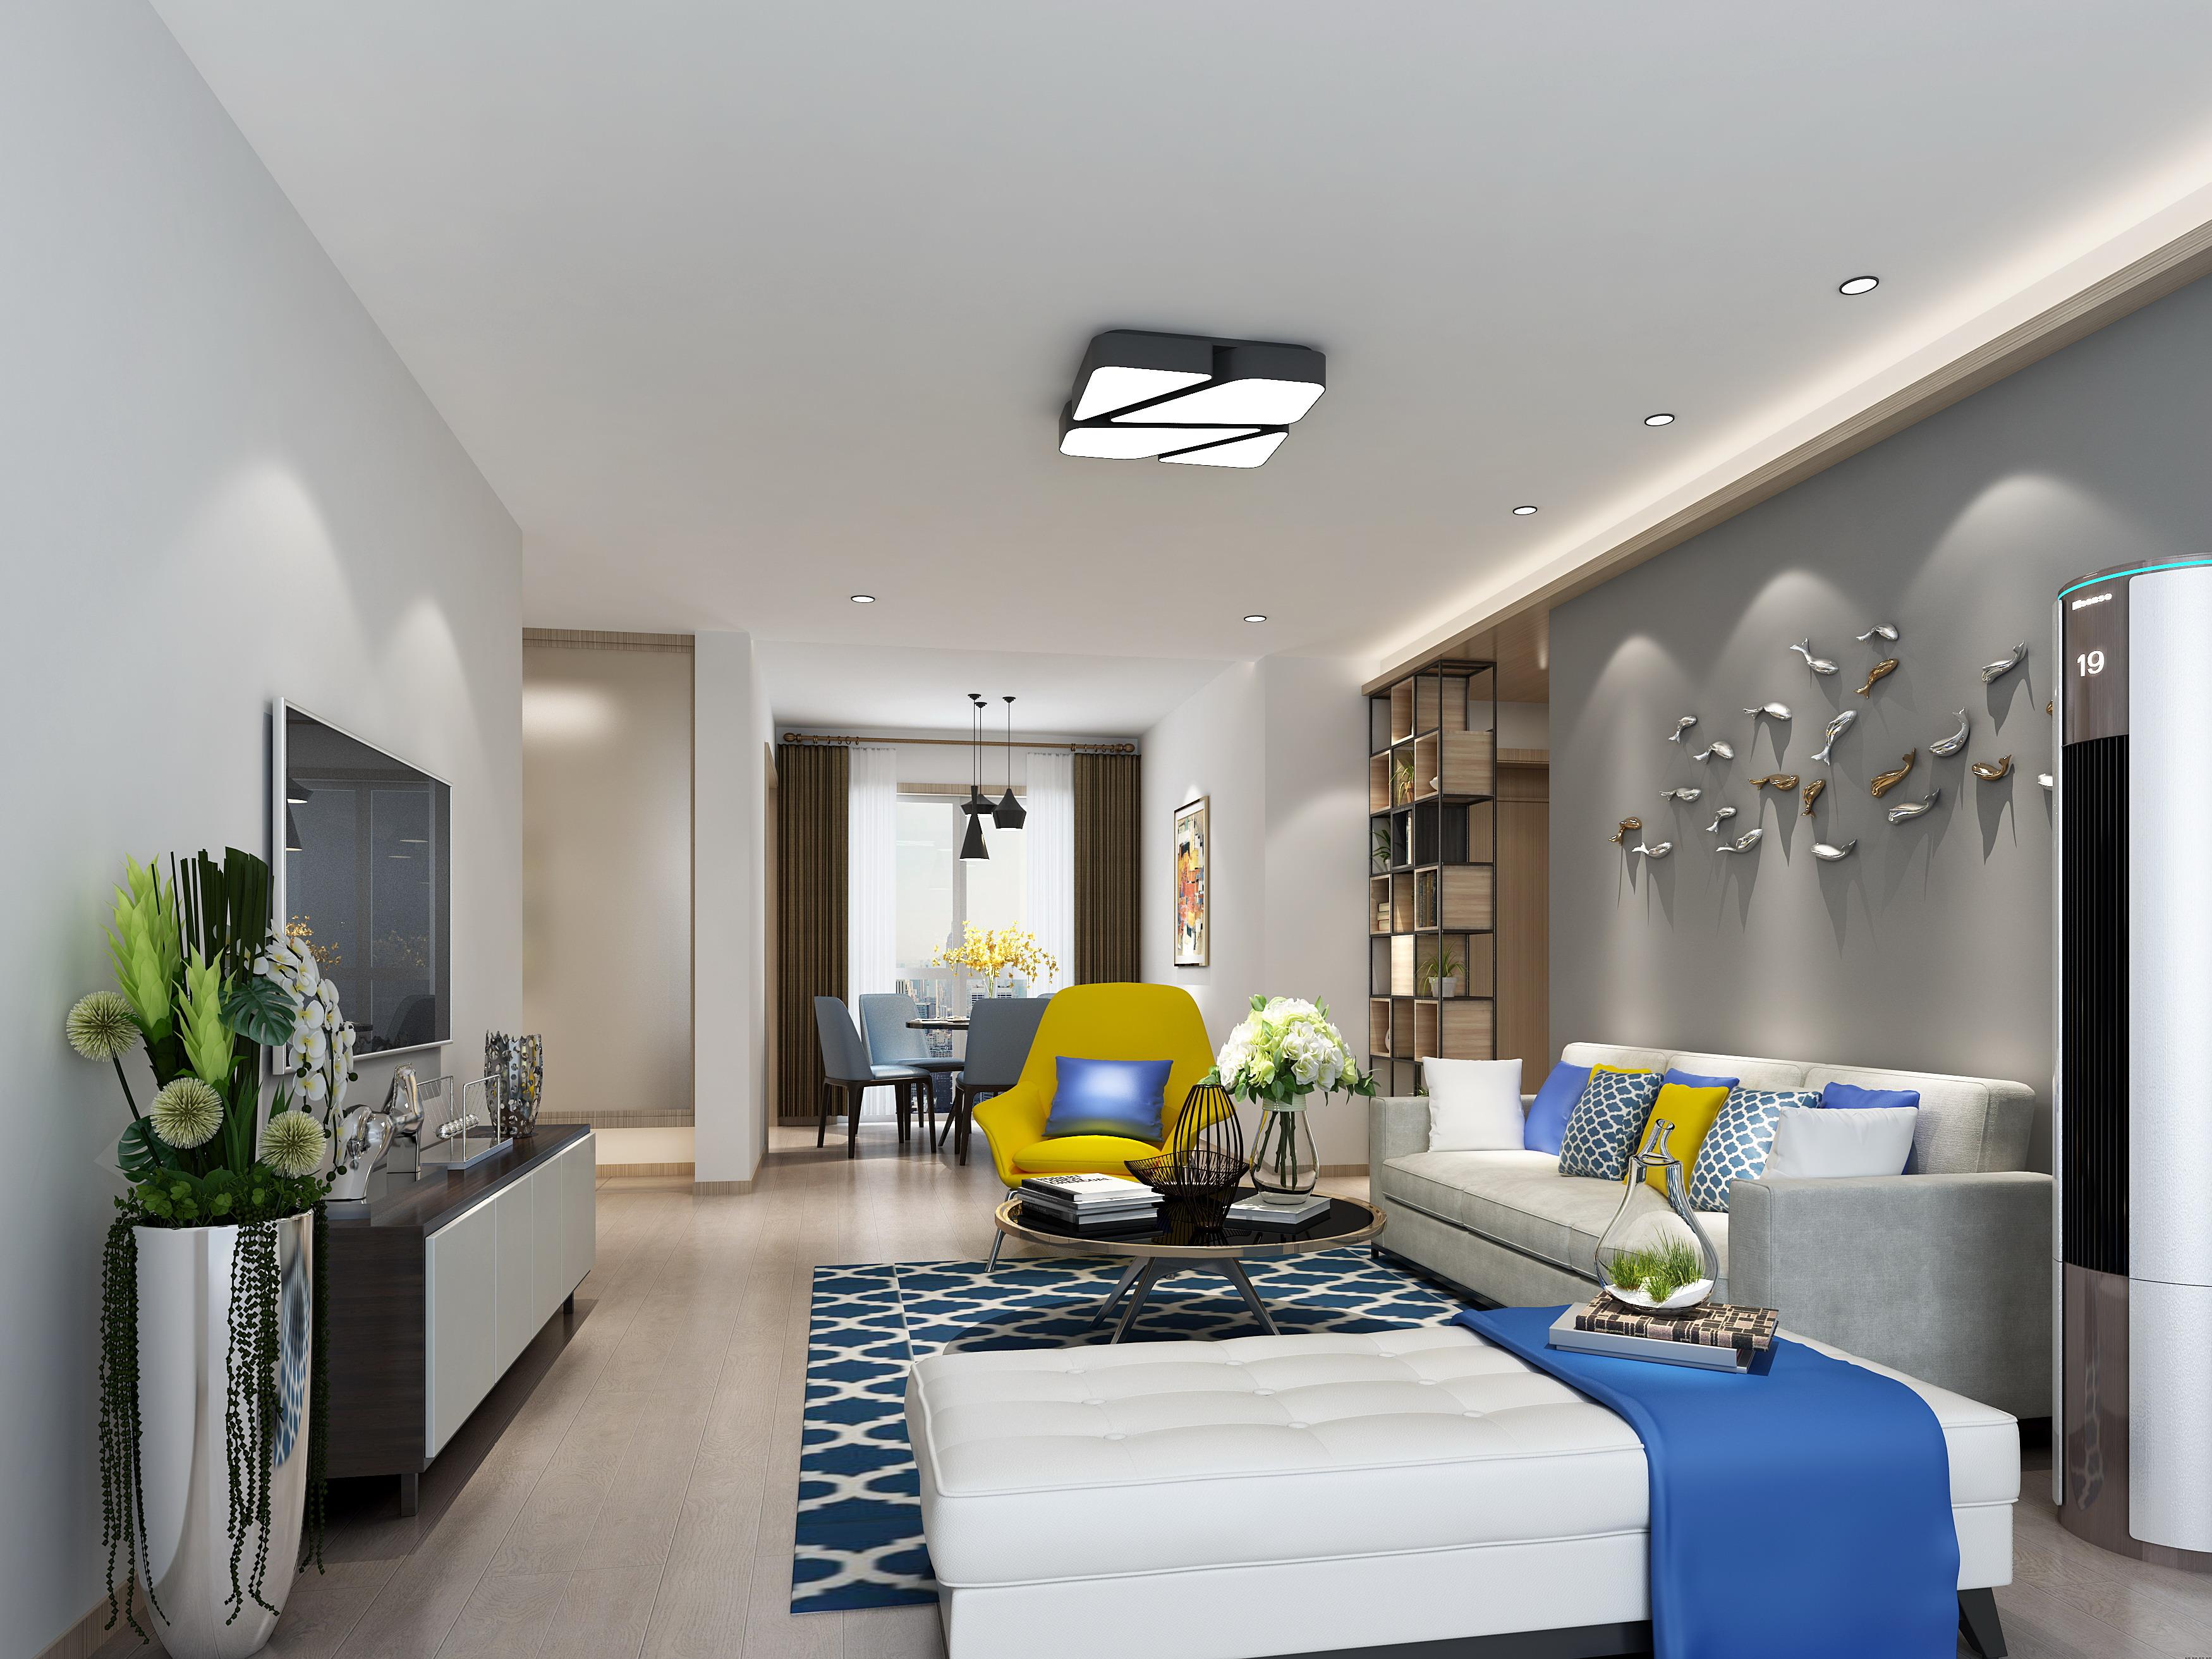 简约 小资 旧房改造 客厅图片来自敏空间在杨浦新凤城公寓的分享